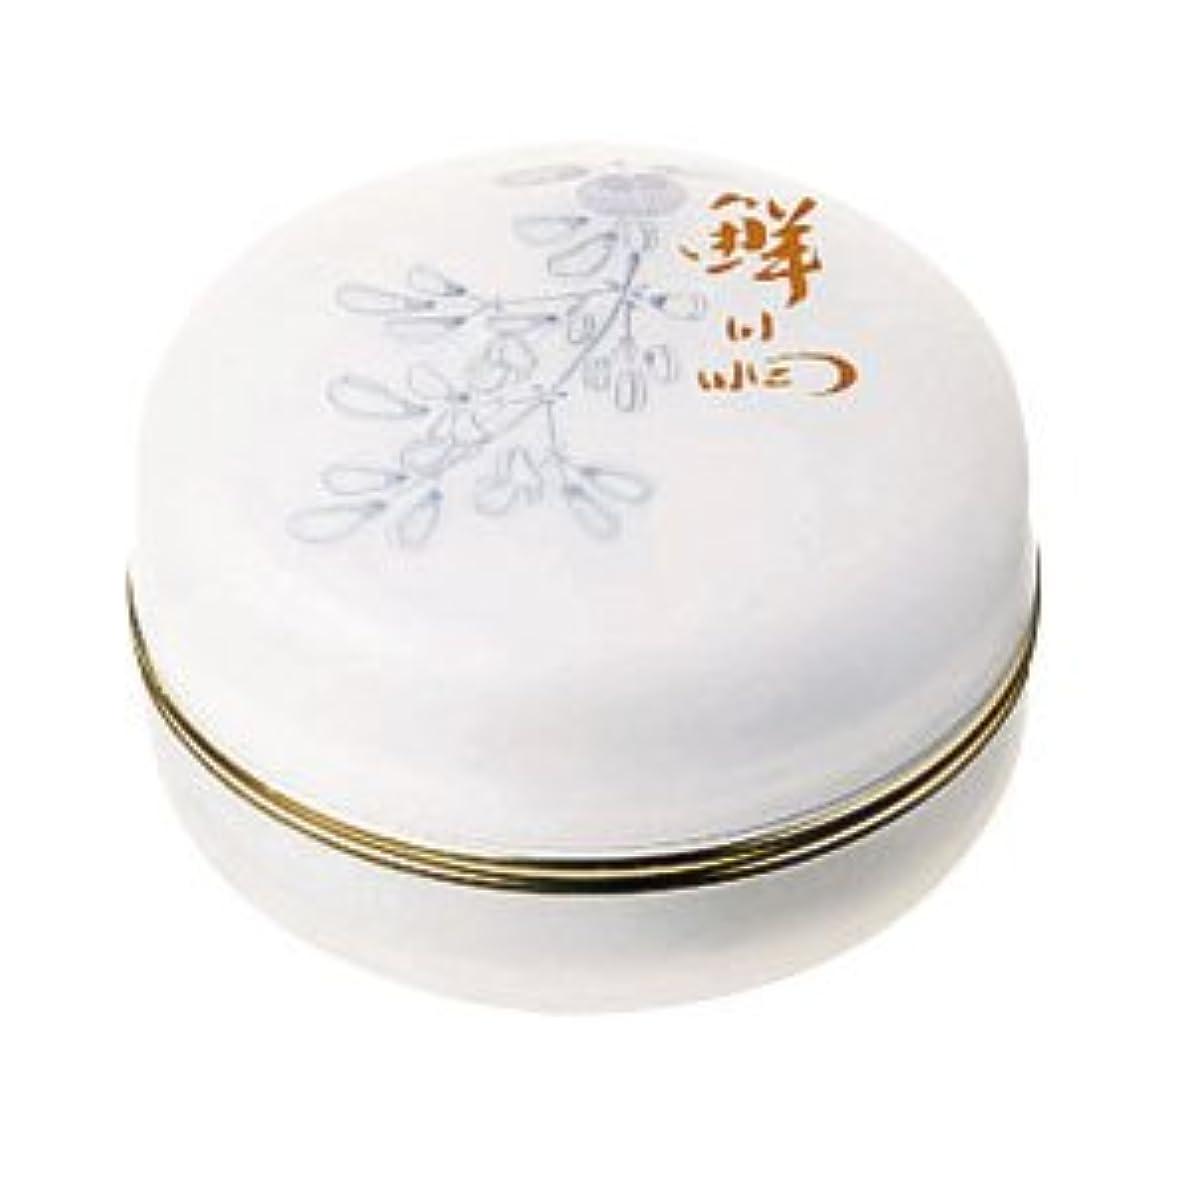 病土砂降り回復オッペン 薬用妙 薬用鮮晶(せんしょう)<医薬部外品>(80g)